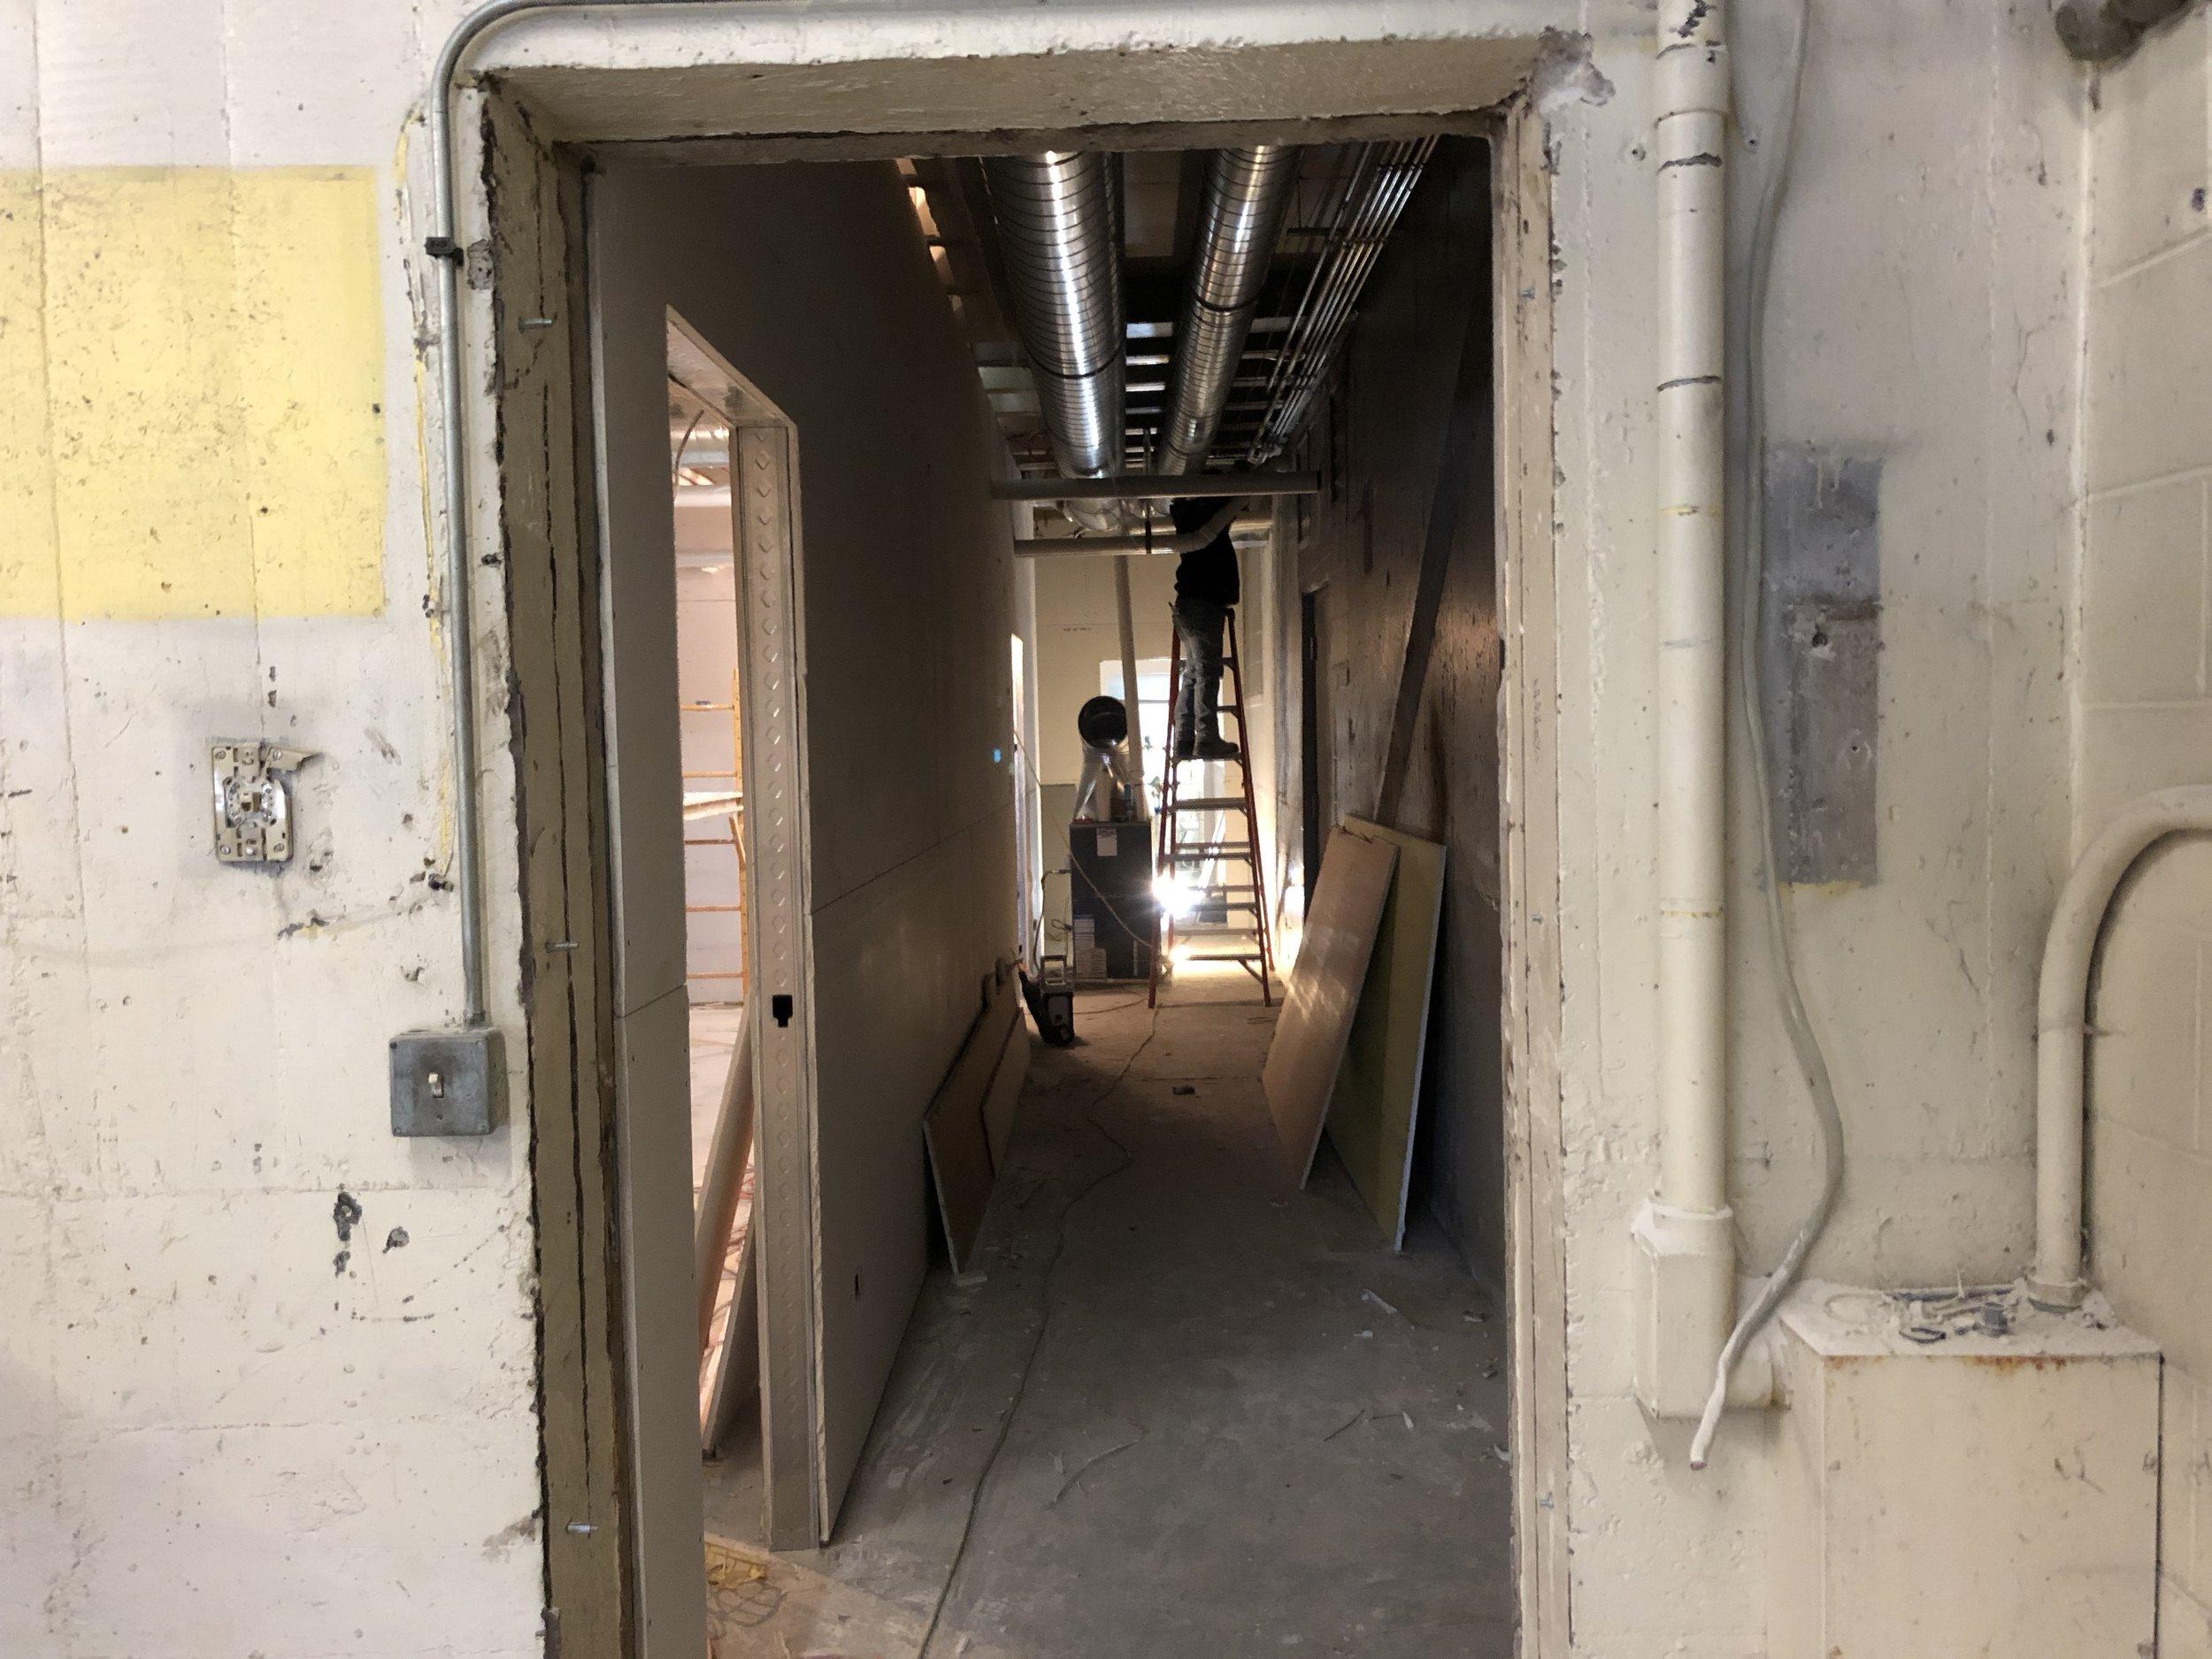 Hallway to Restrooms & Meeting Room